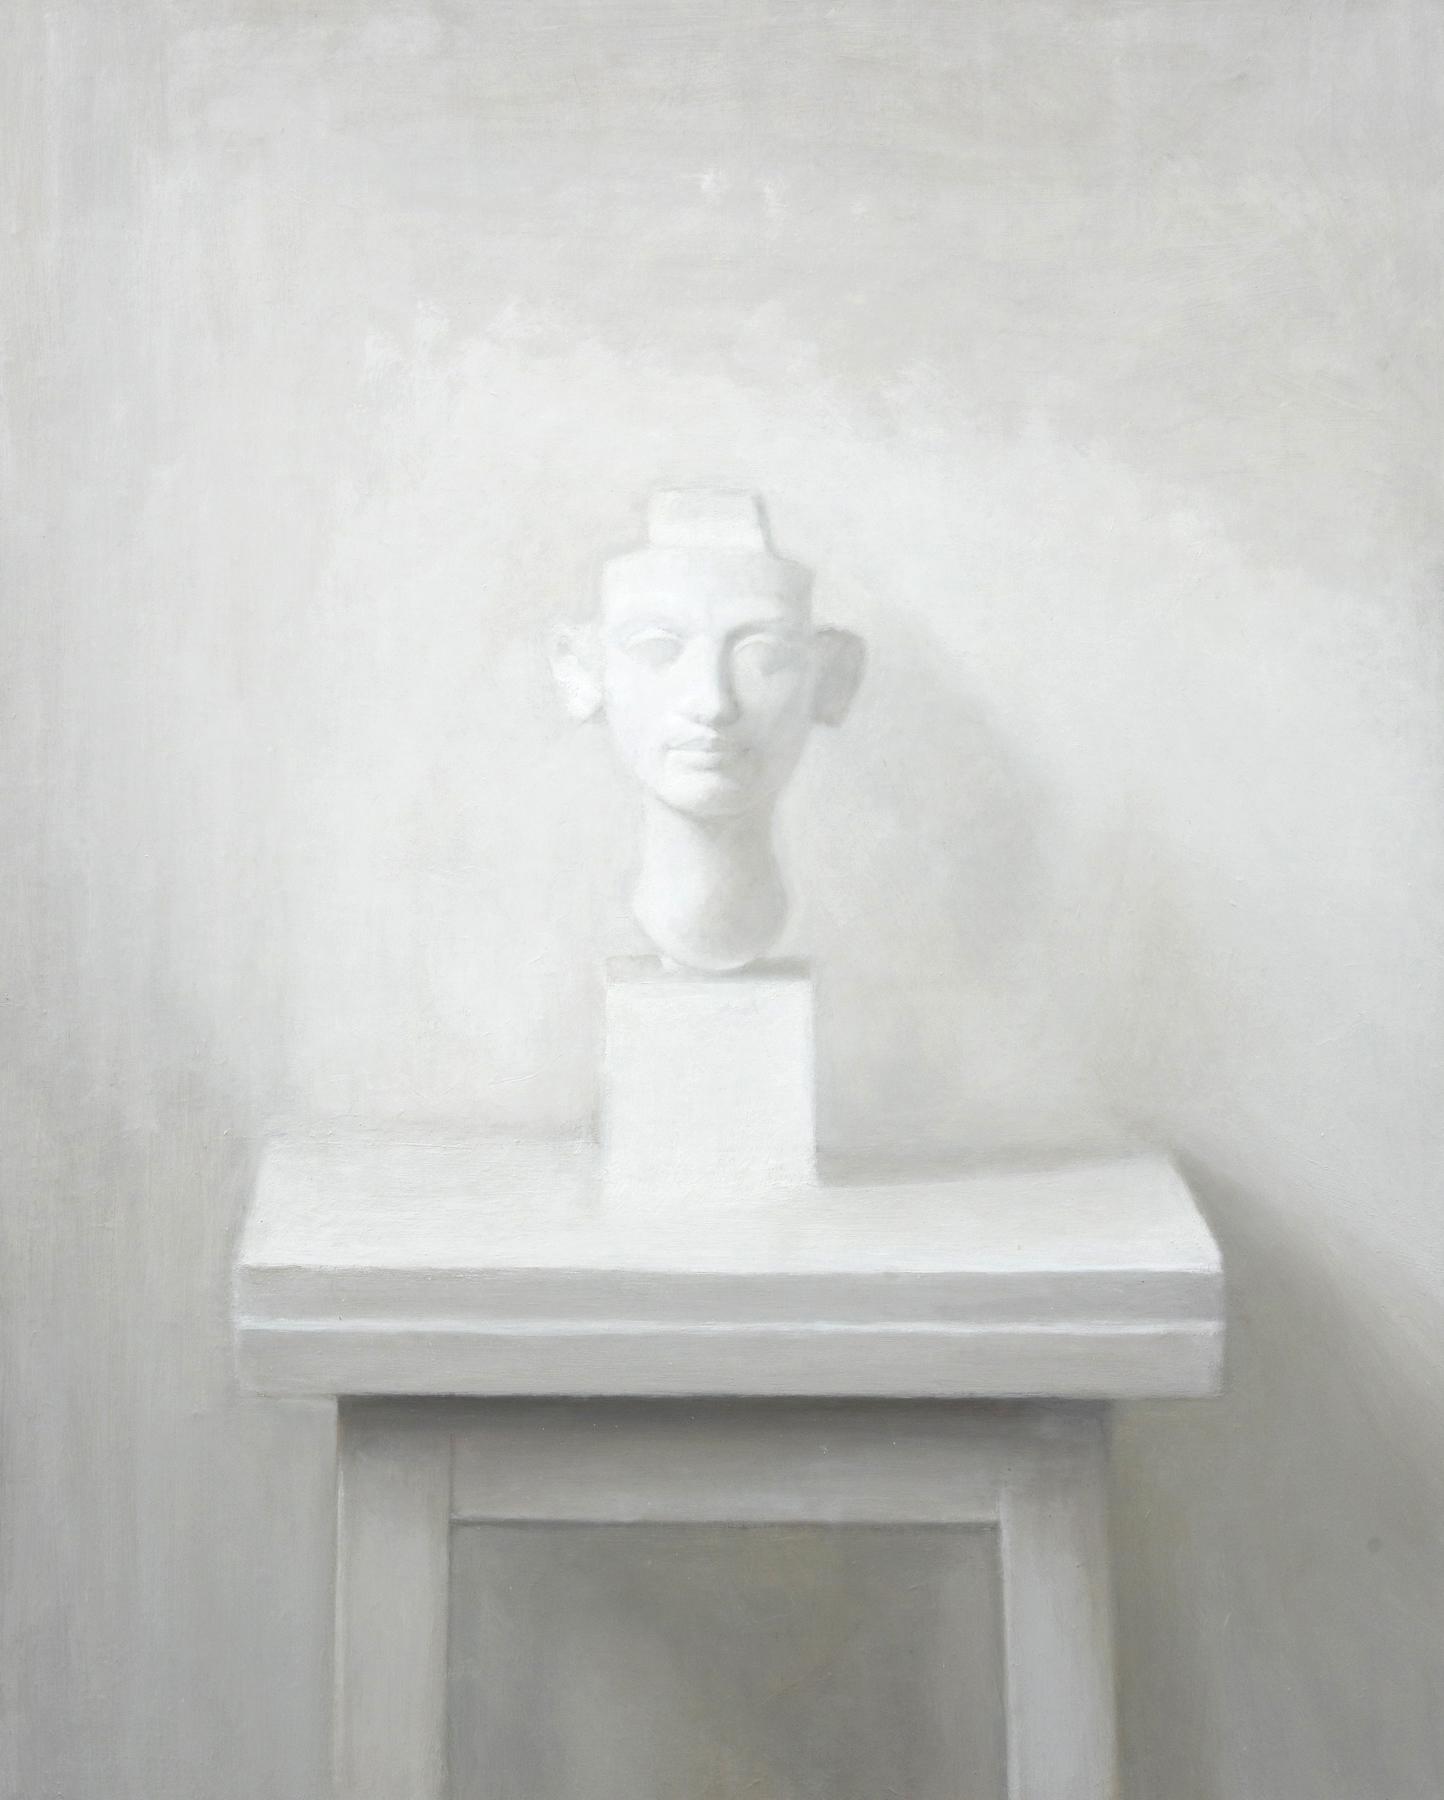 Isabelle de la Touche painter - Nefertiti bust - oil on canvas